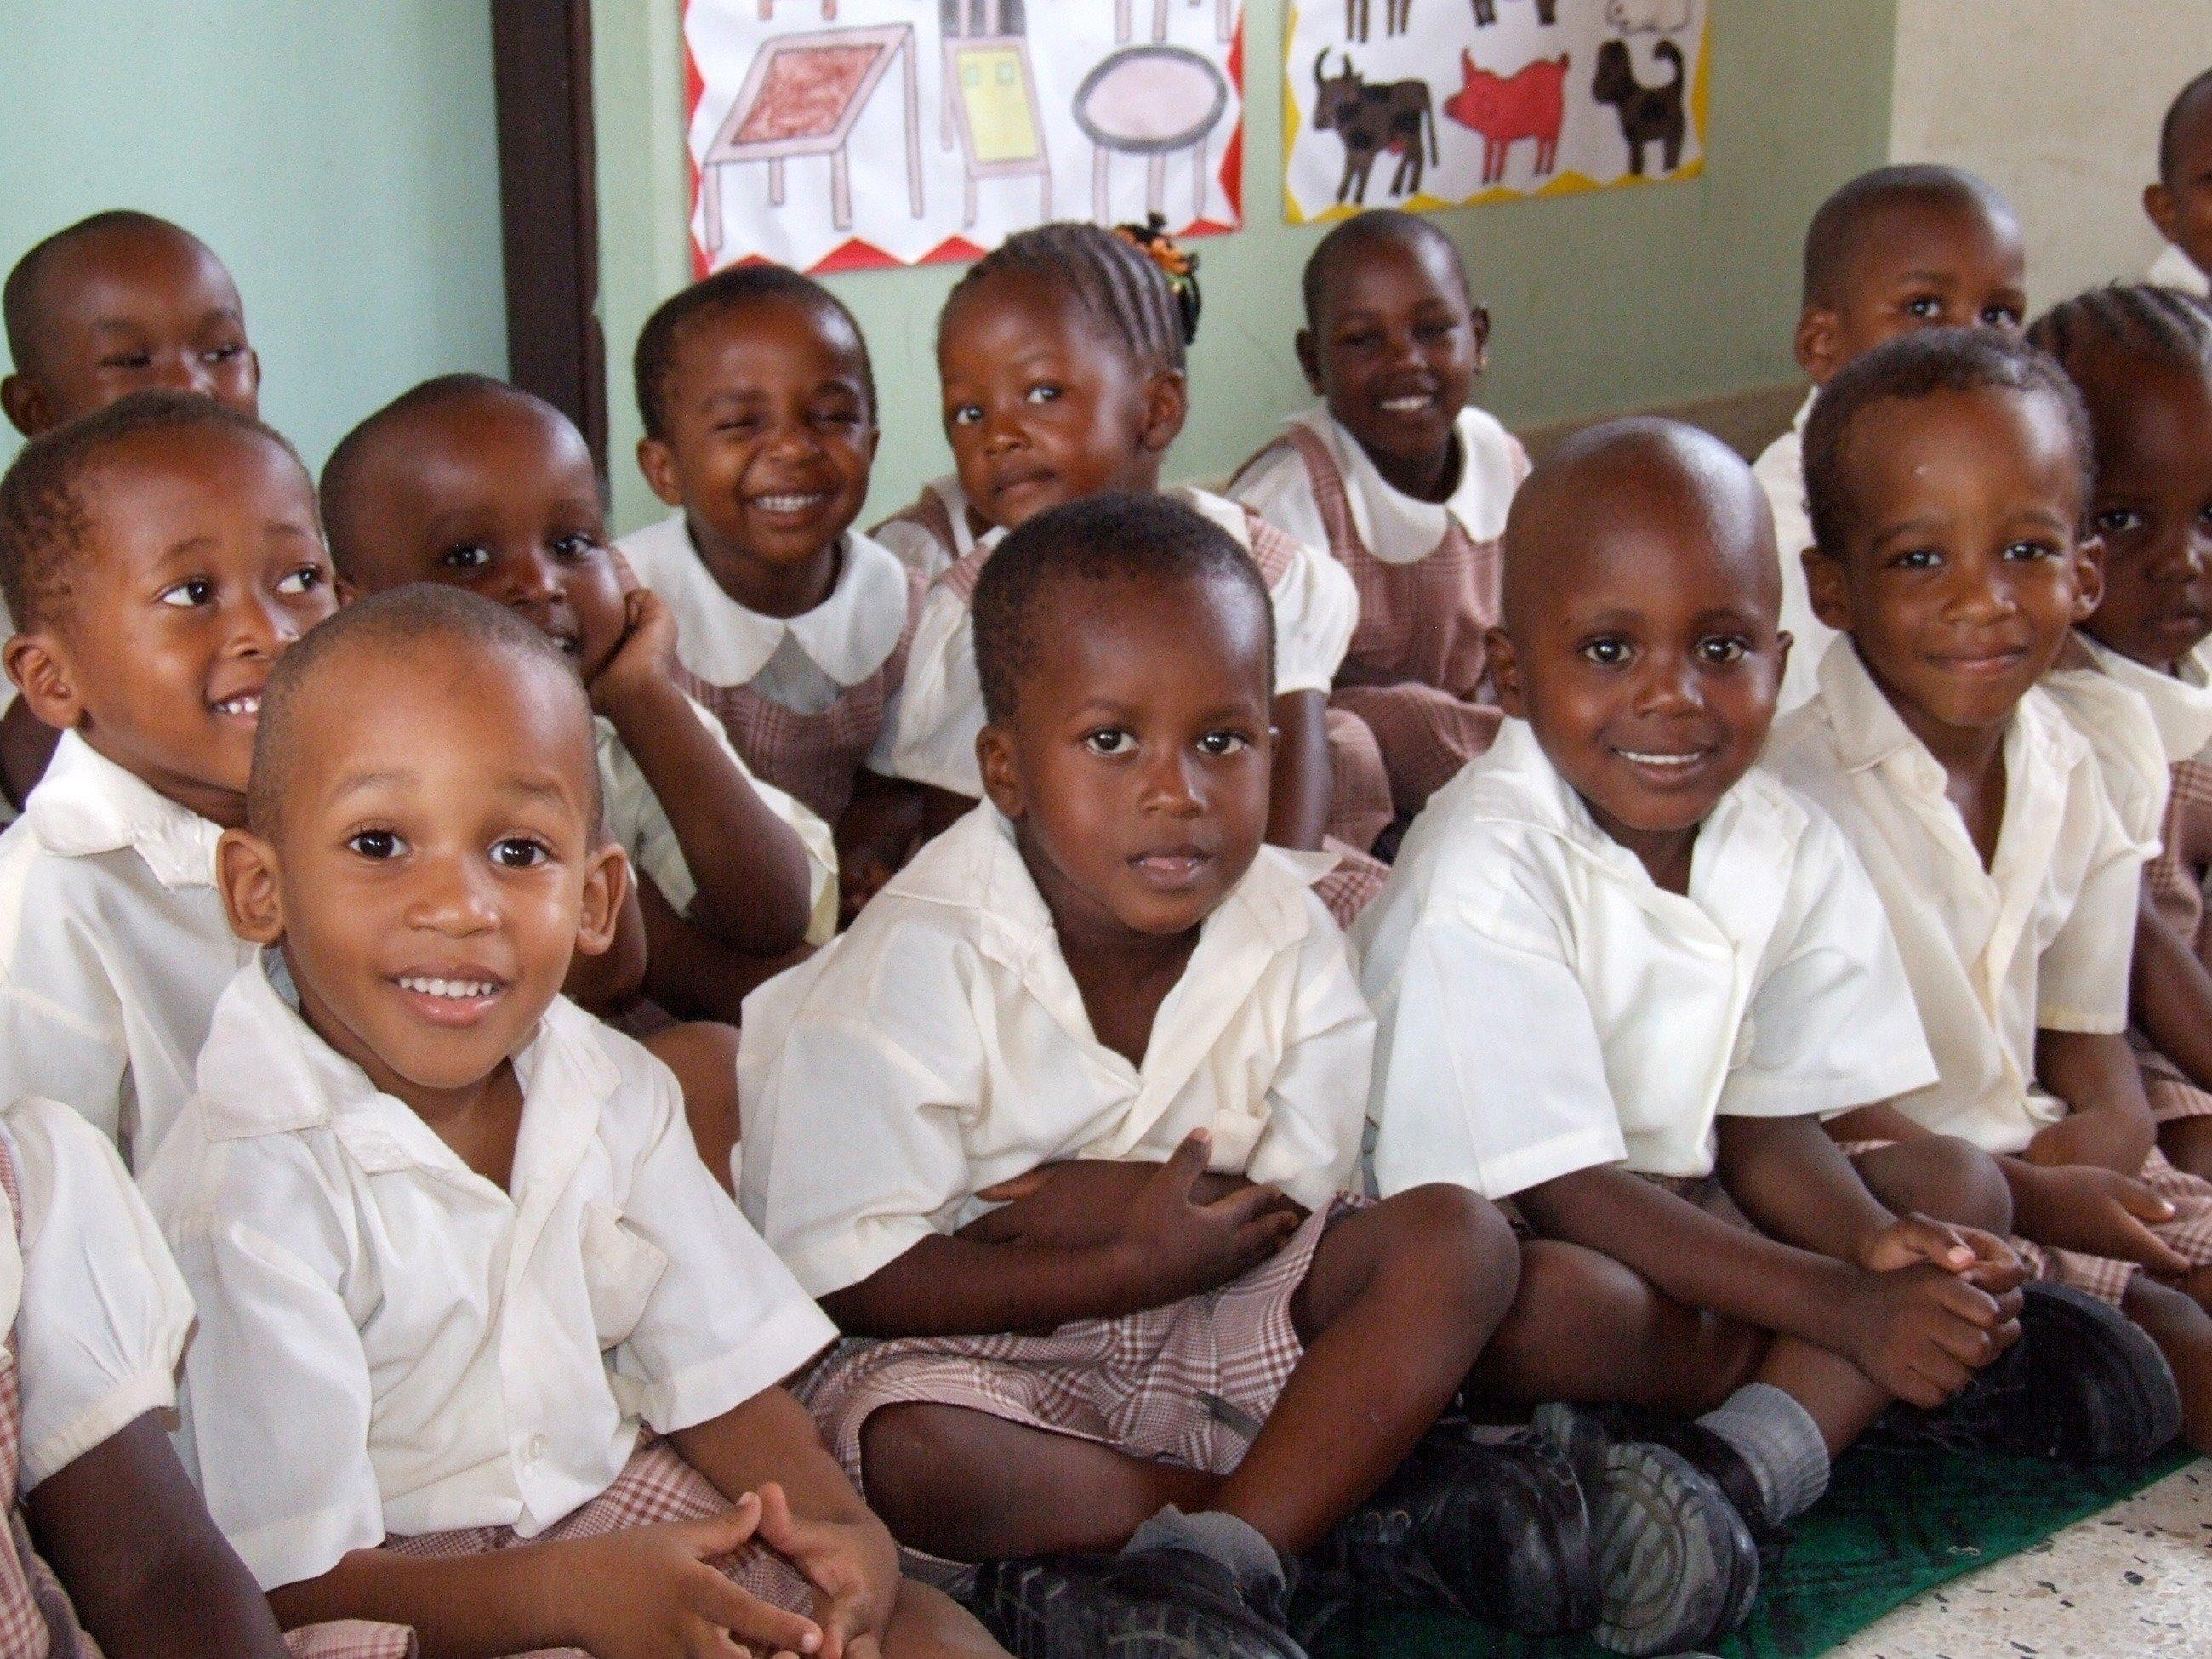 Schulklasse mit kleinen Jungen in weißen Hemden.